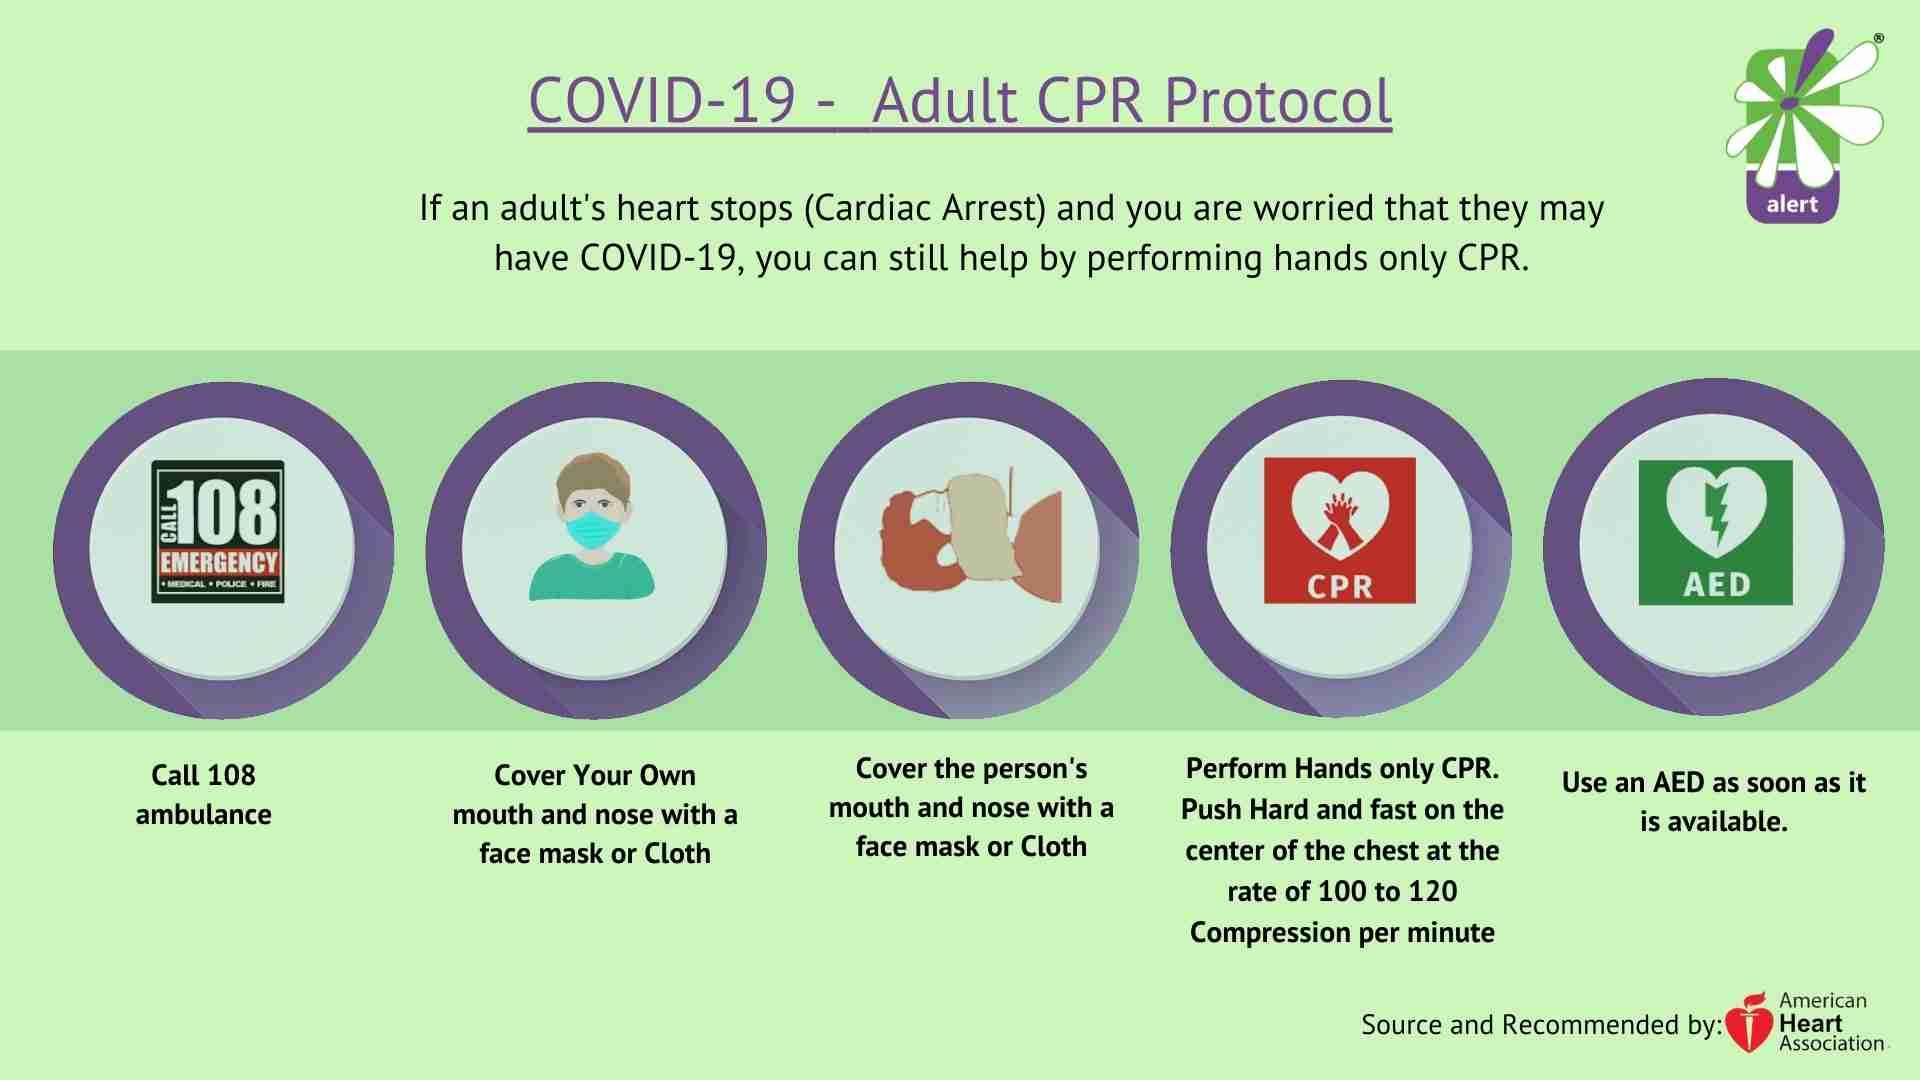 CPR CoVID 19 protocol